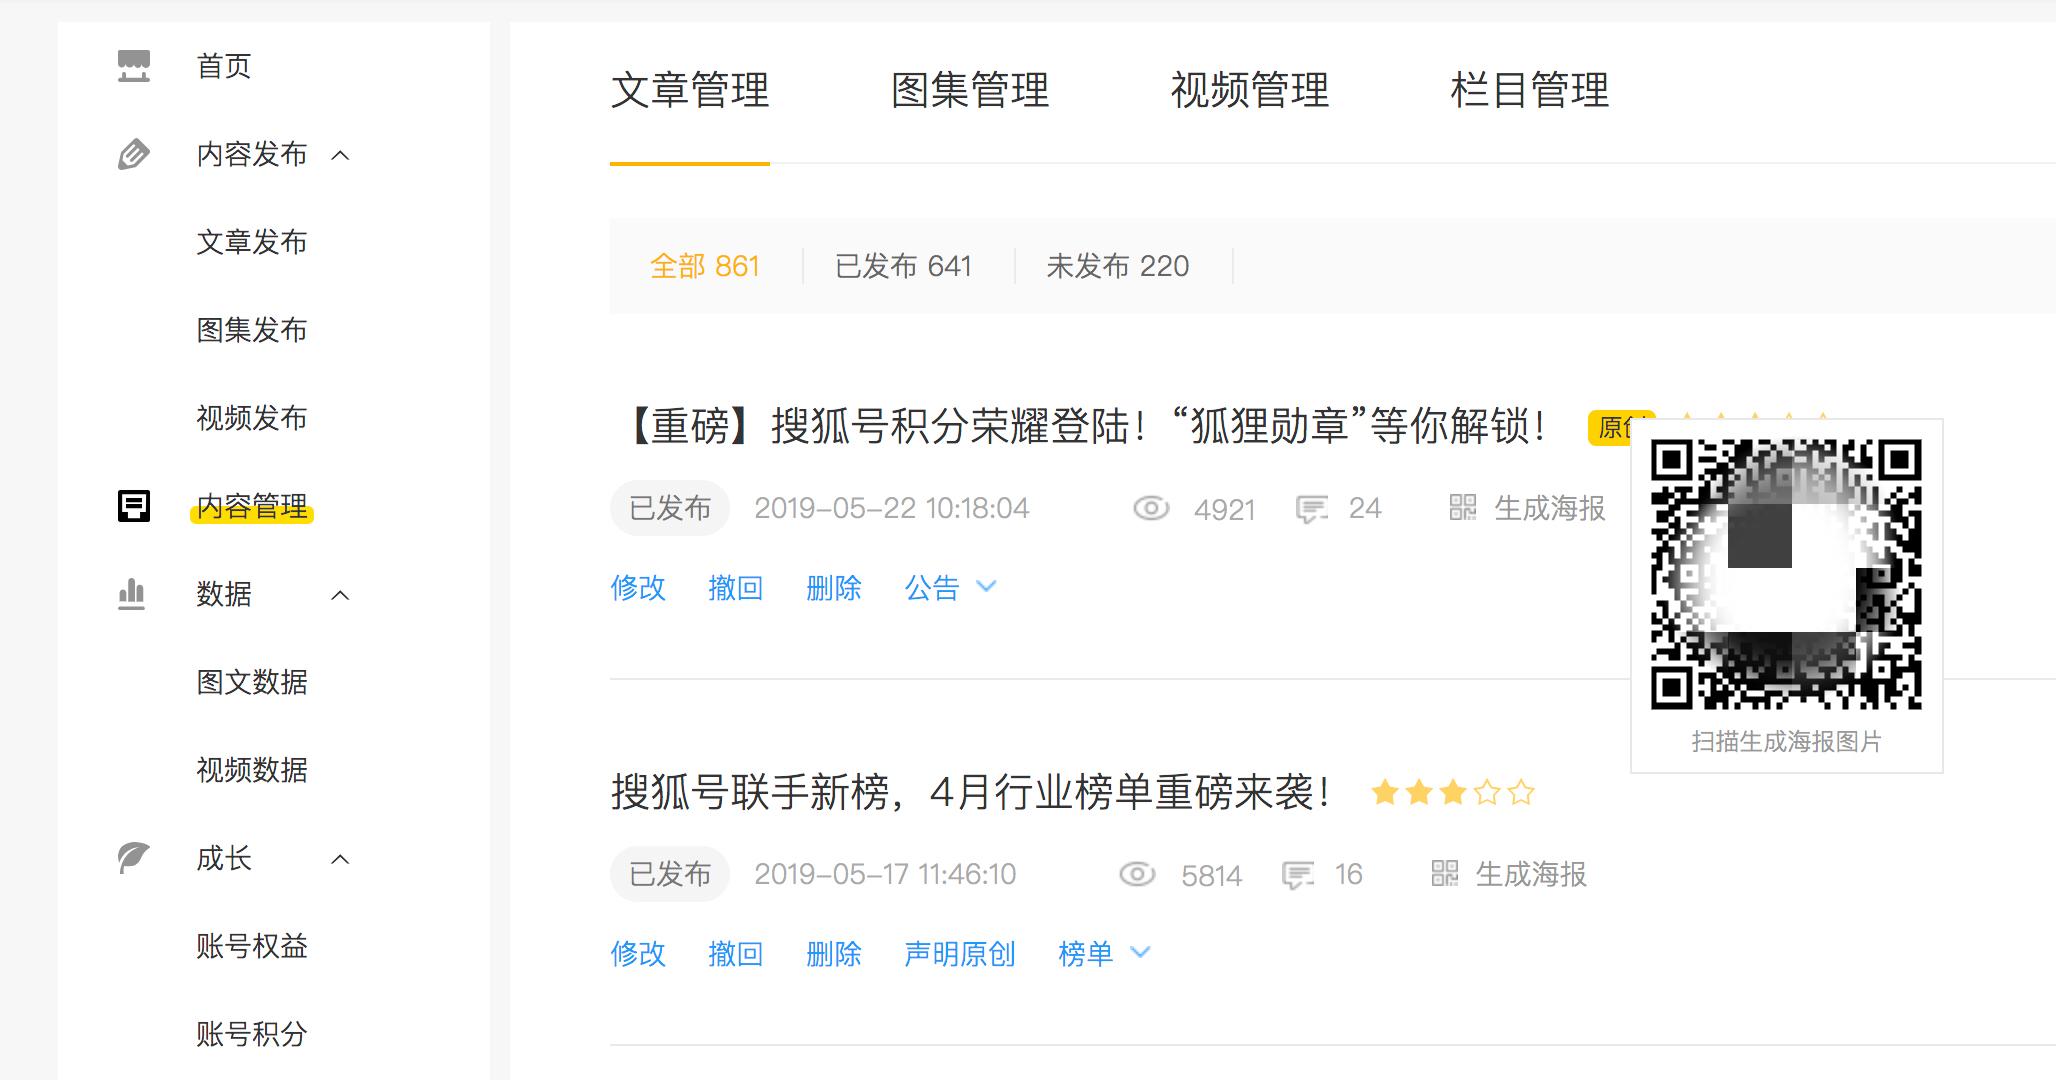 搜狐号上线文章海报生成功能,一键分享到朋友圈